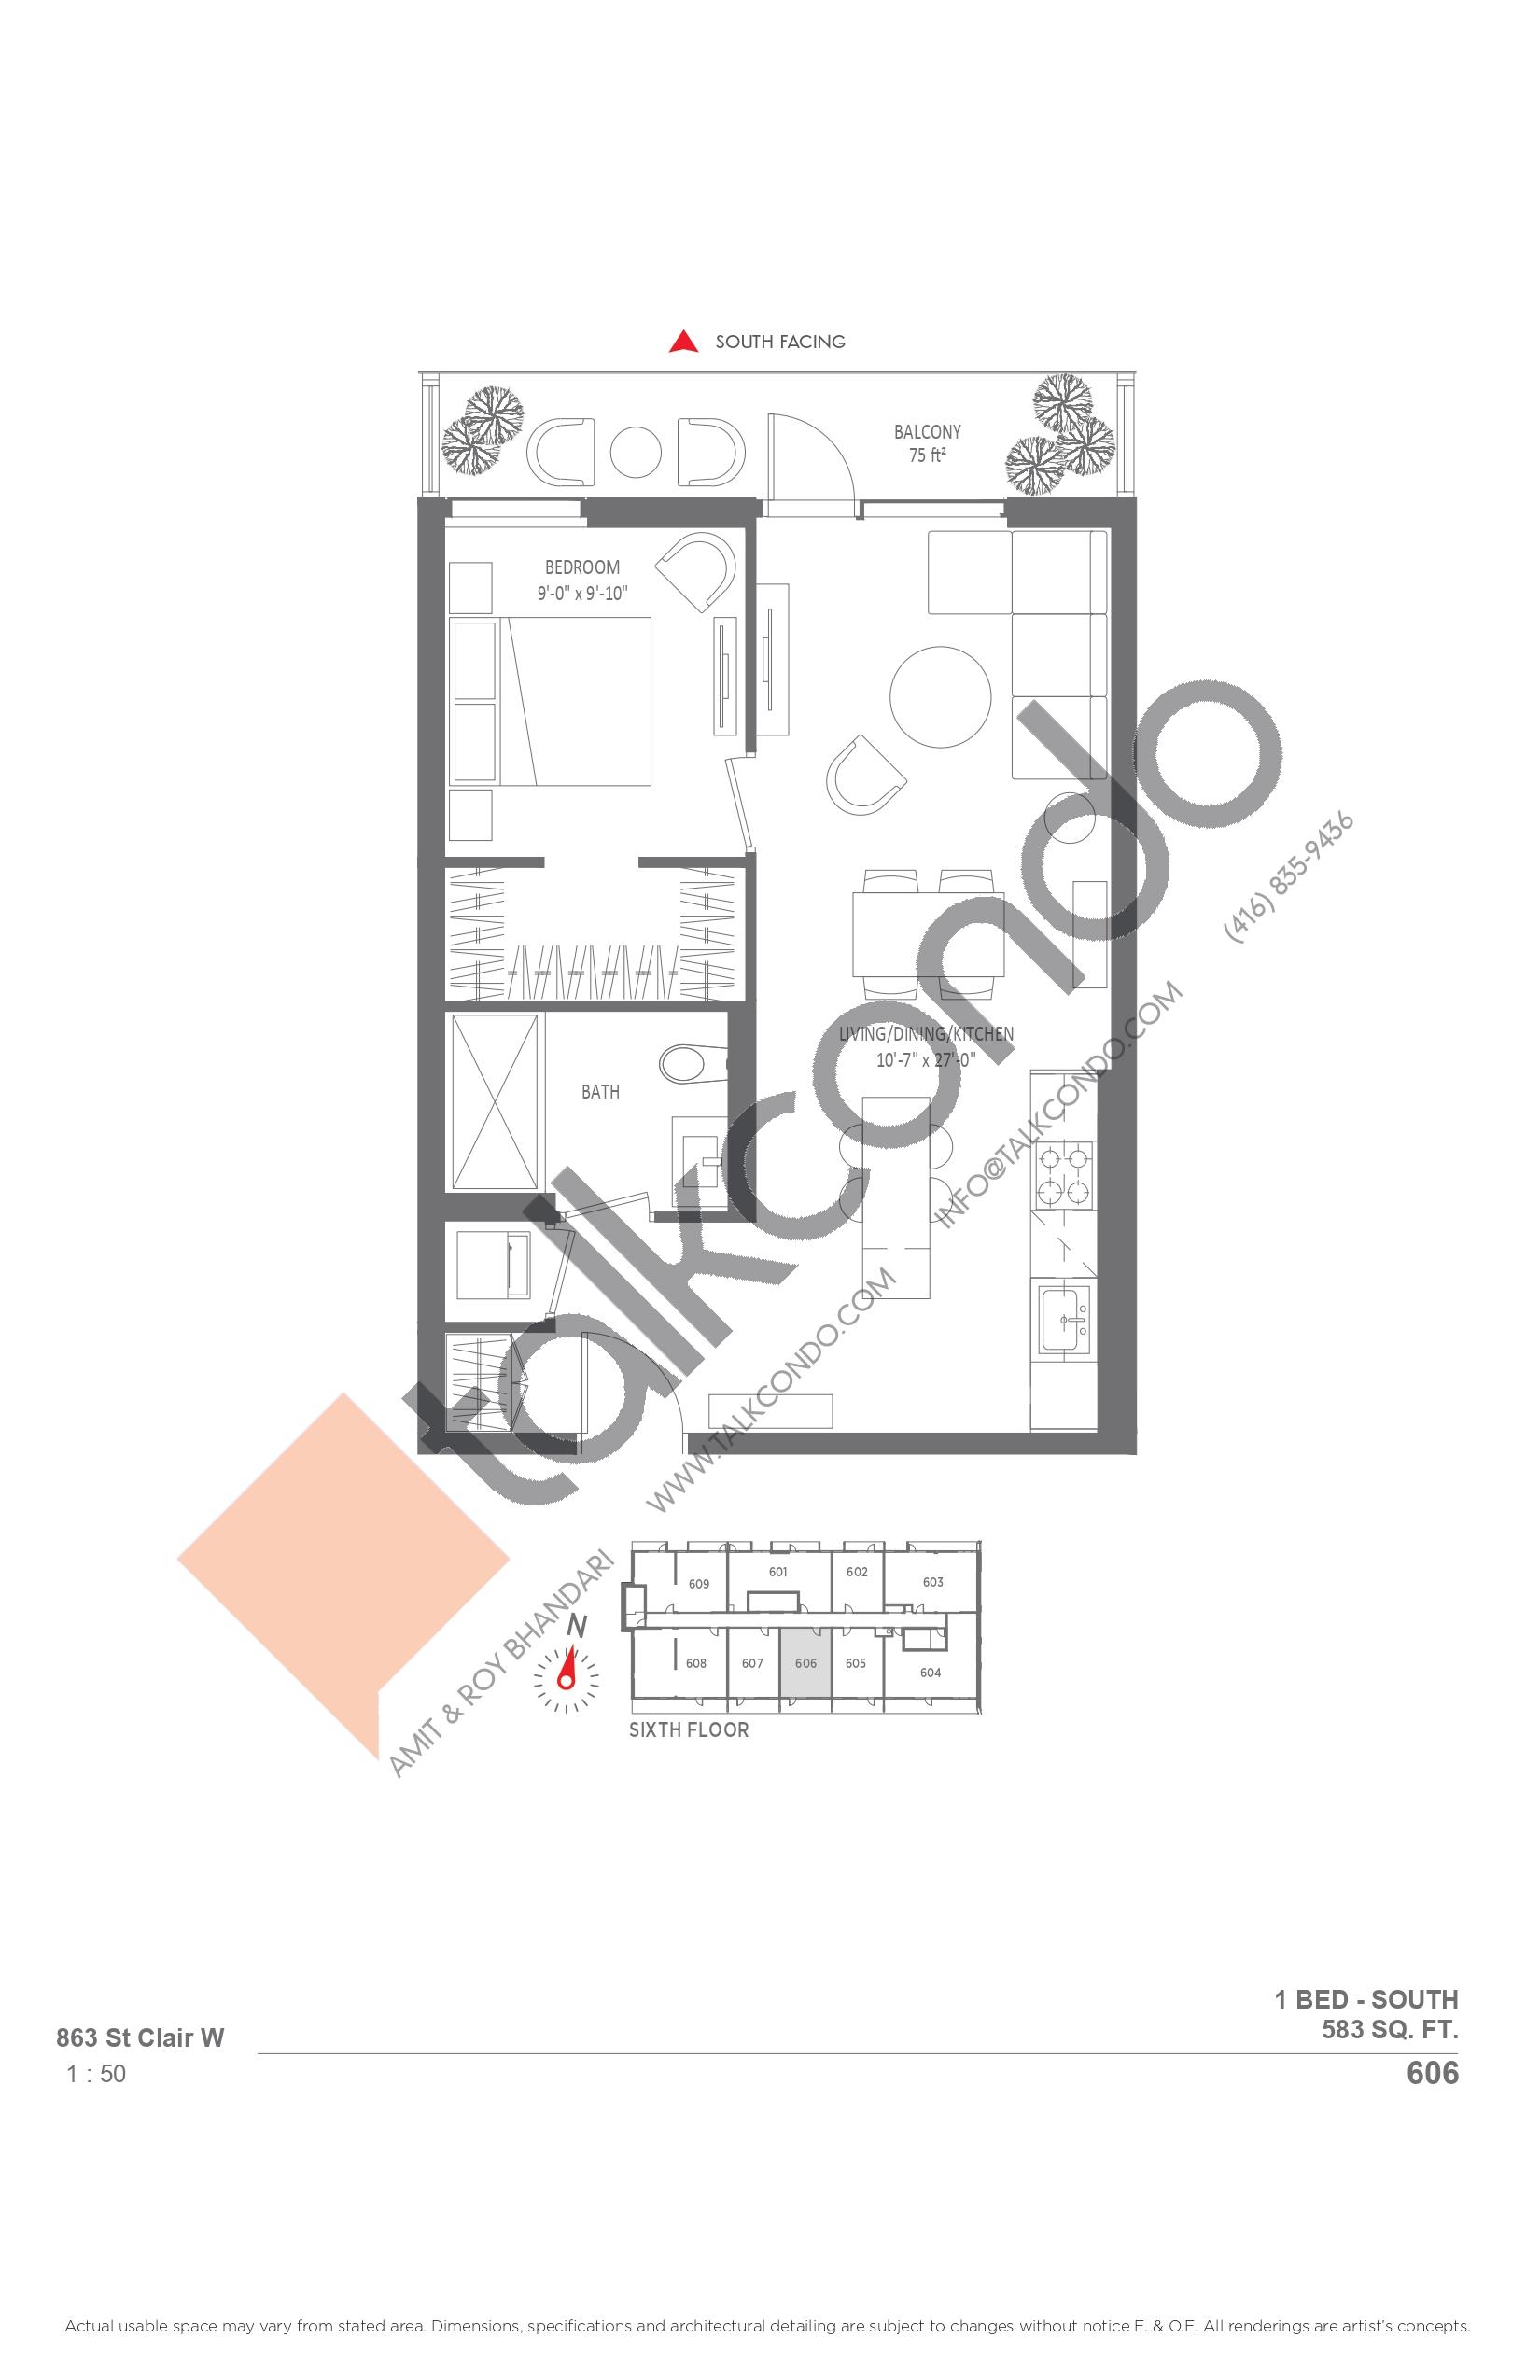 606 Floor Plan at Monza Condos - 583 sq.ft